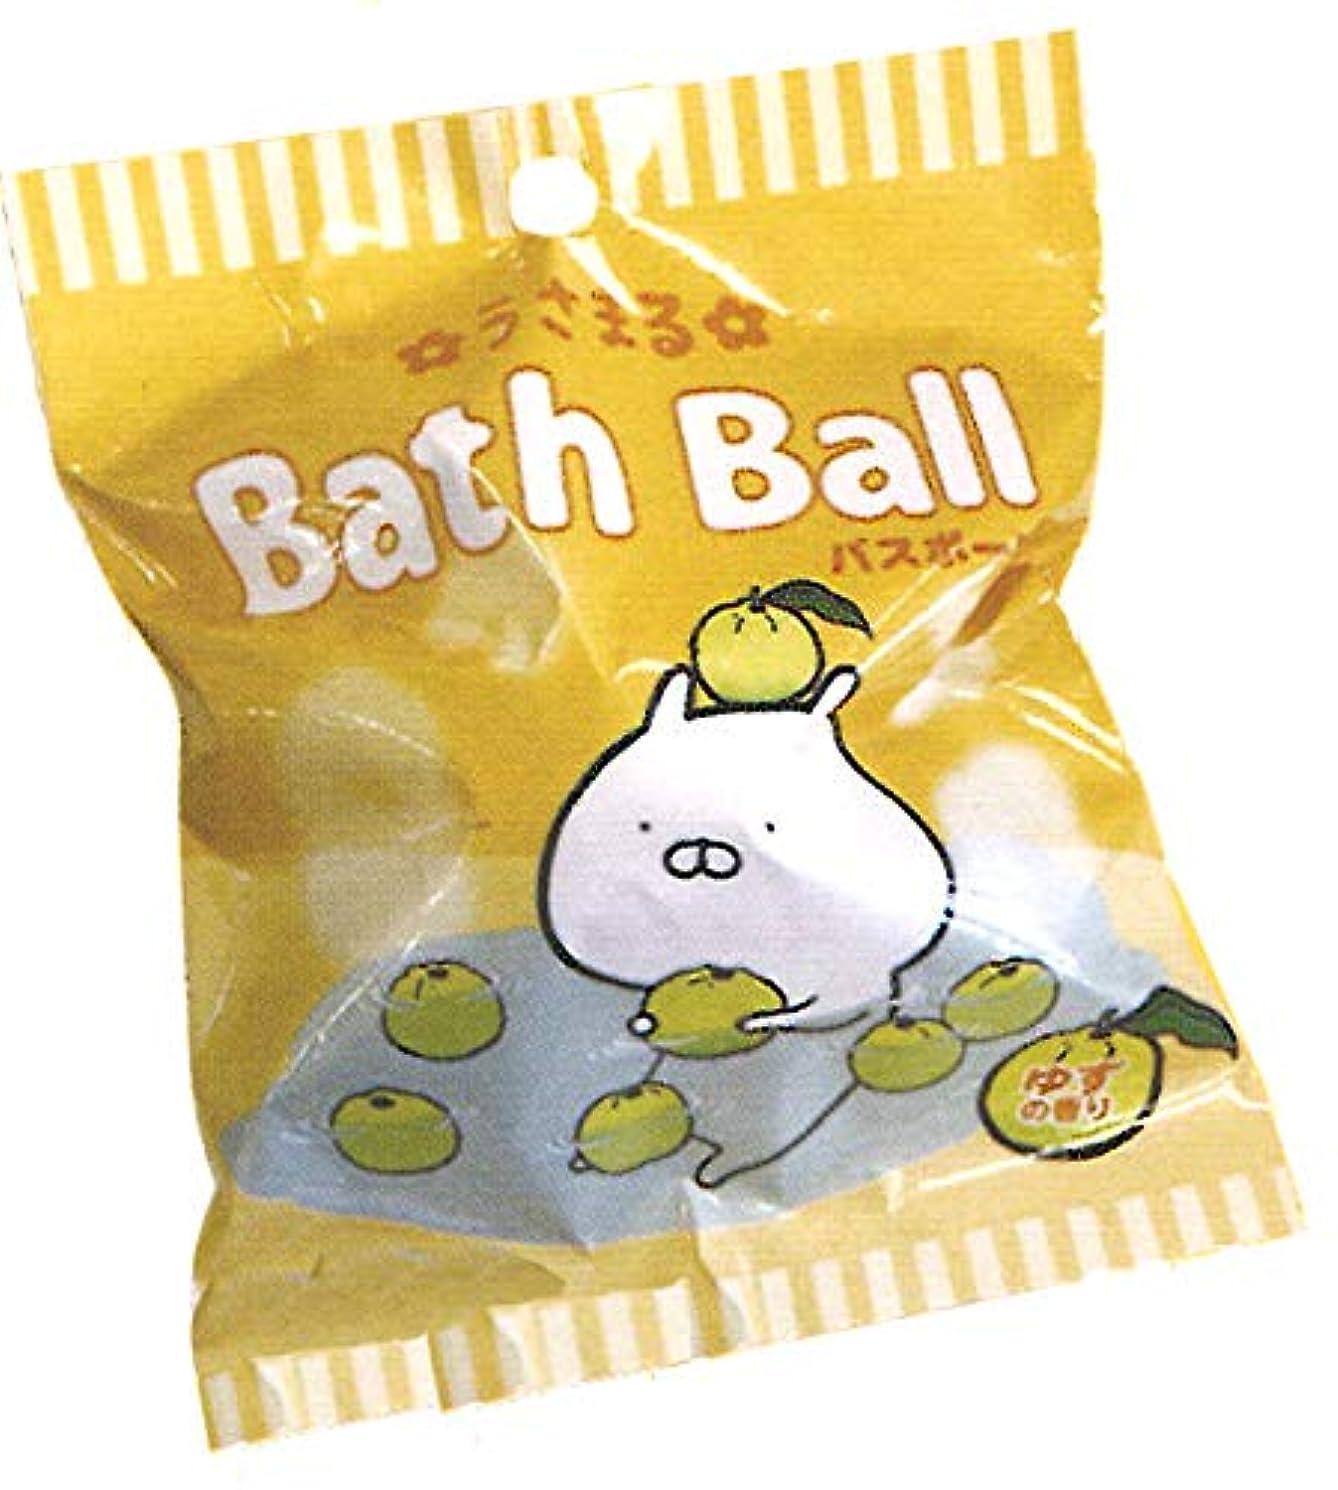 うさまる 入浴剤 マスコットが飛び出るバスボール【1個】